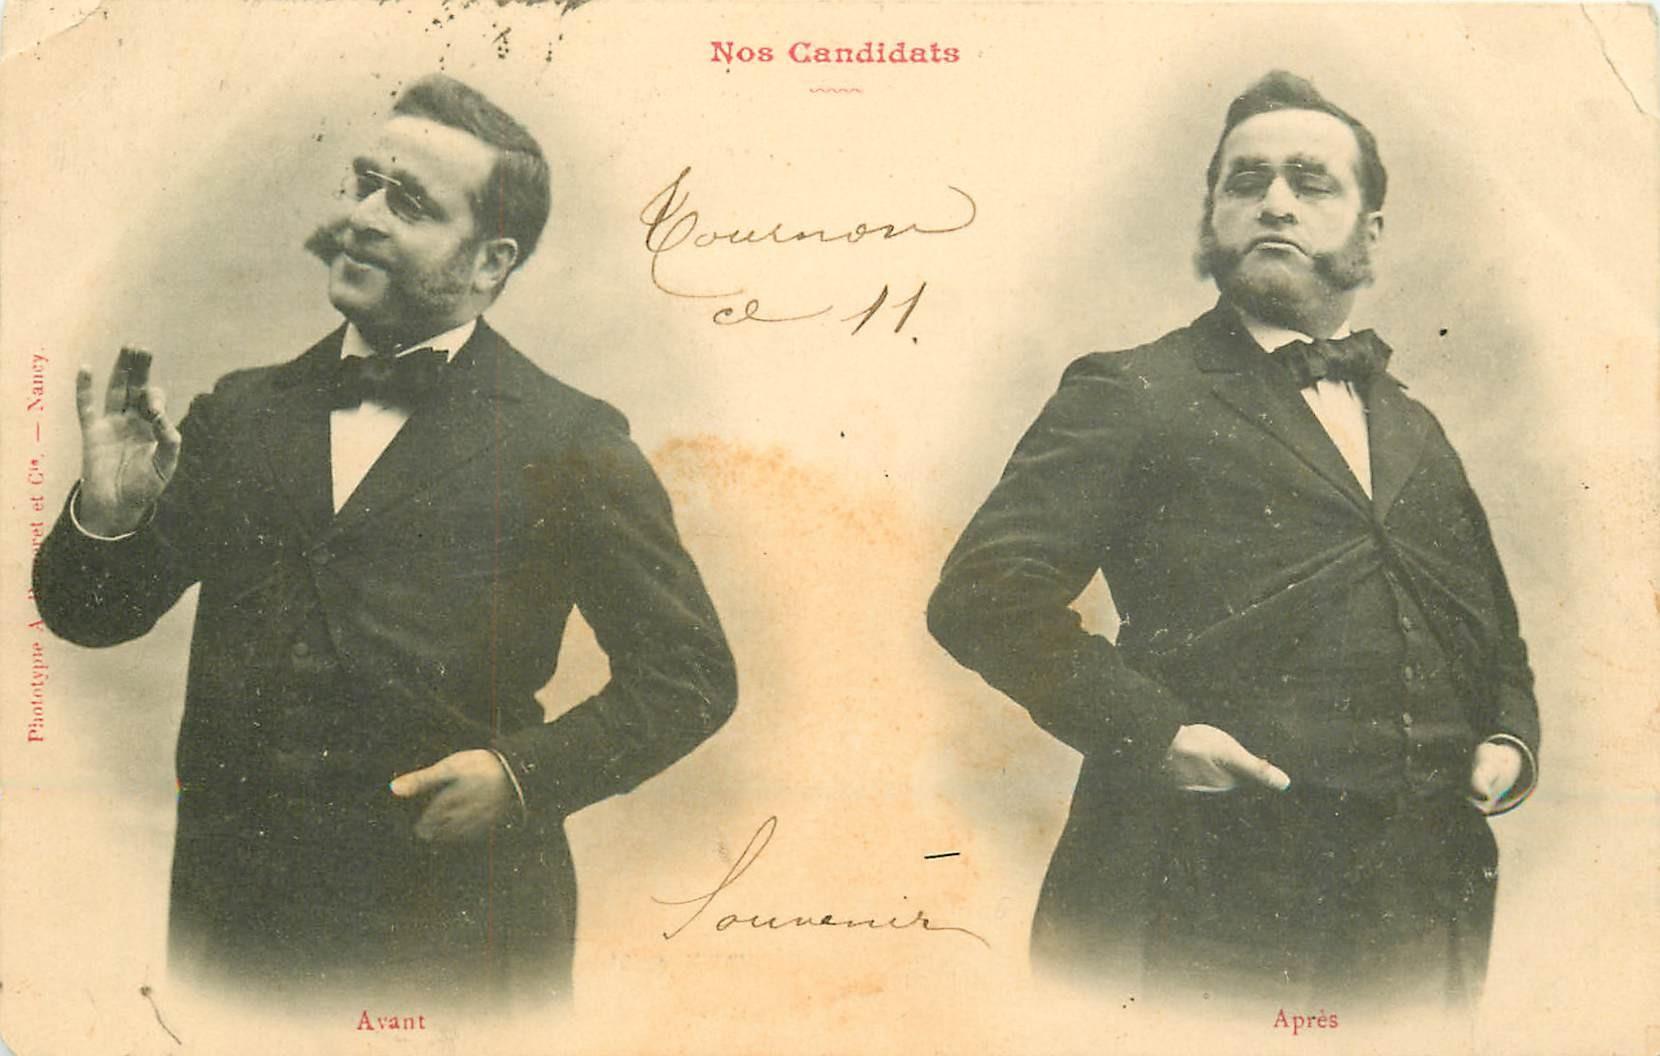 illustrateur BERGERET. Nos Candidats 1903